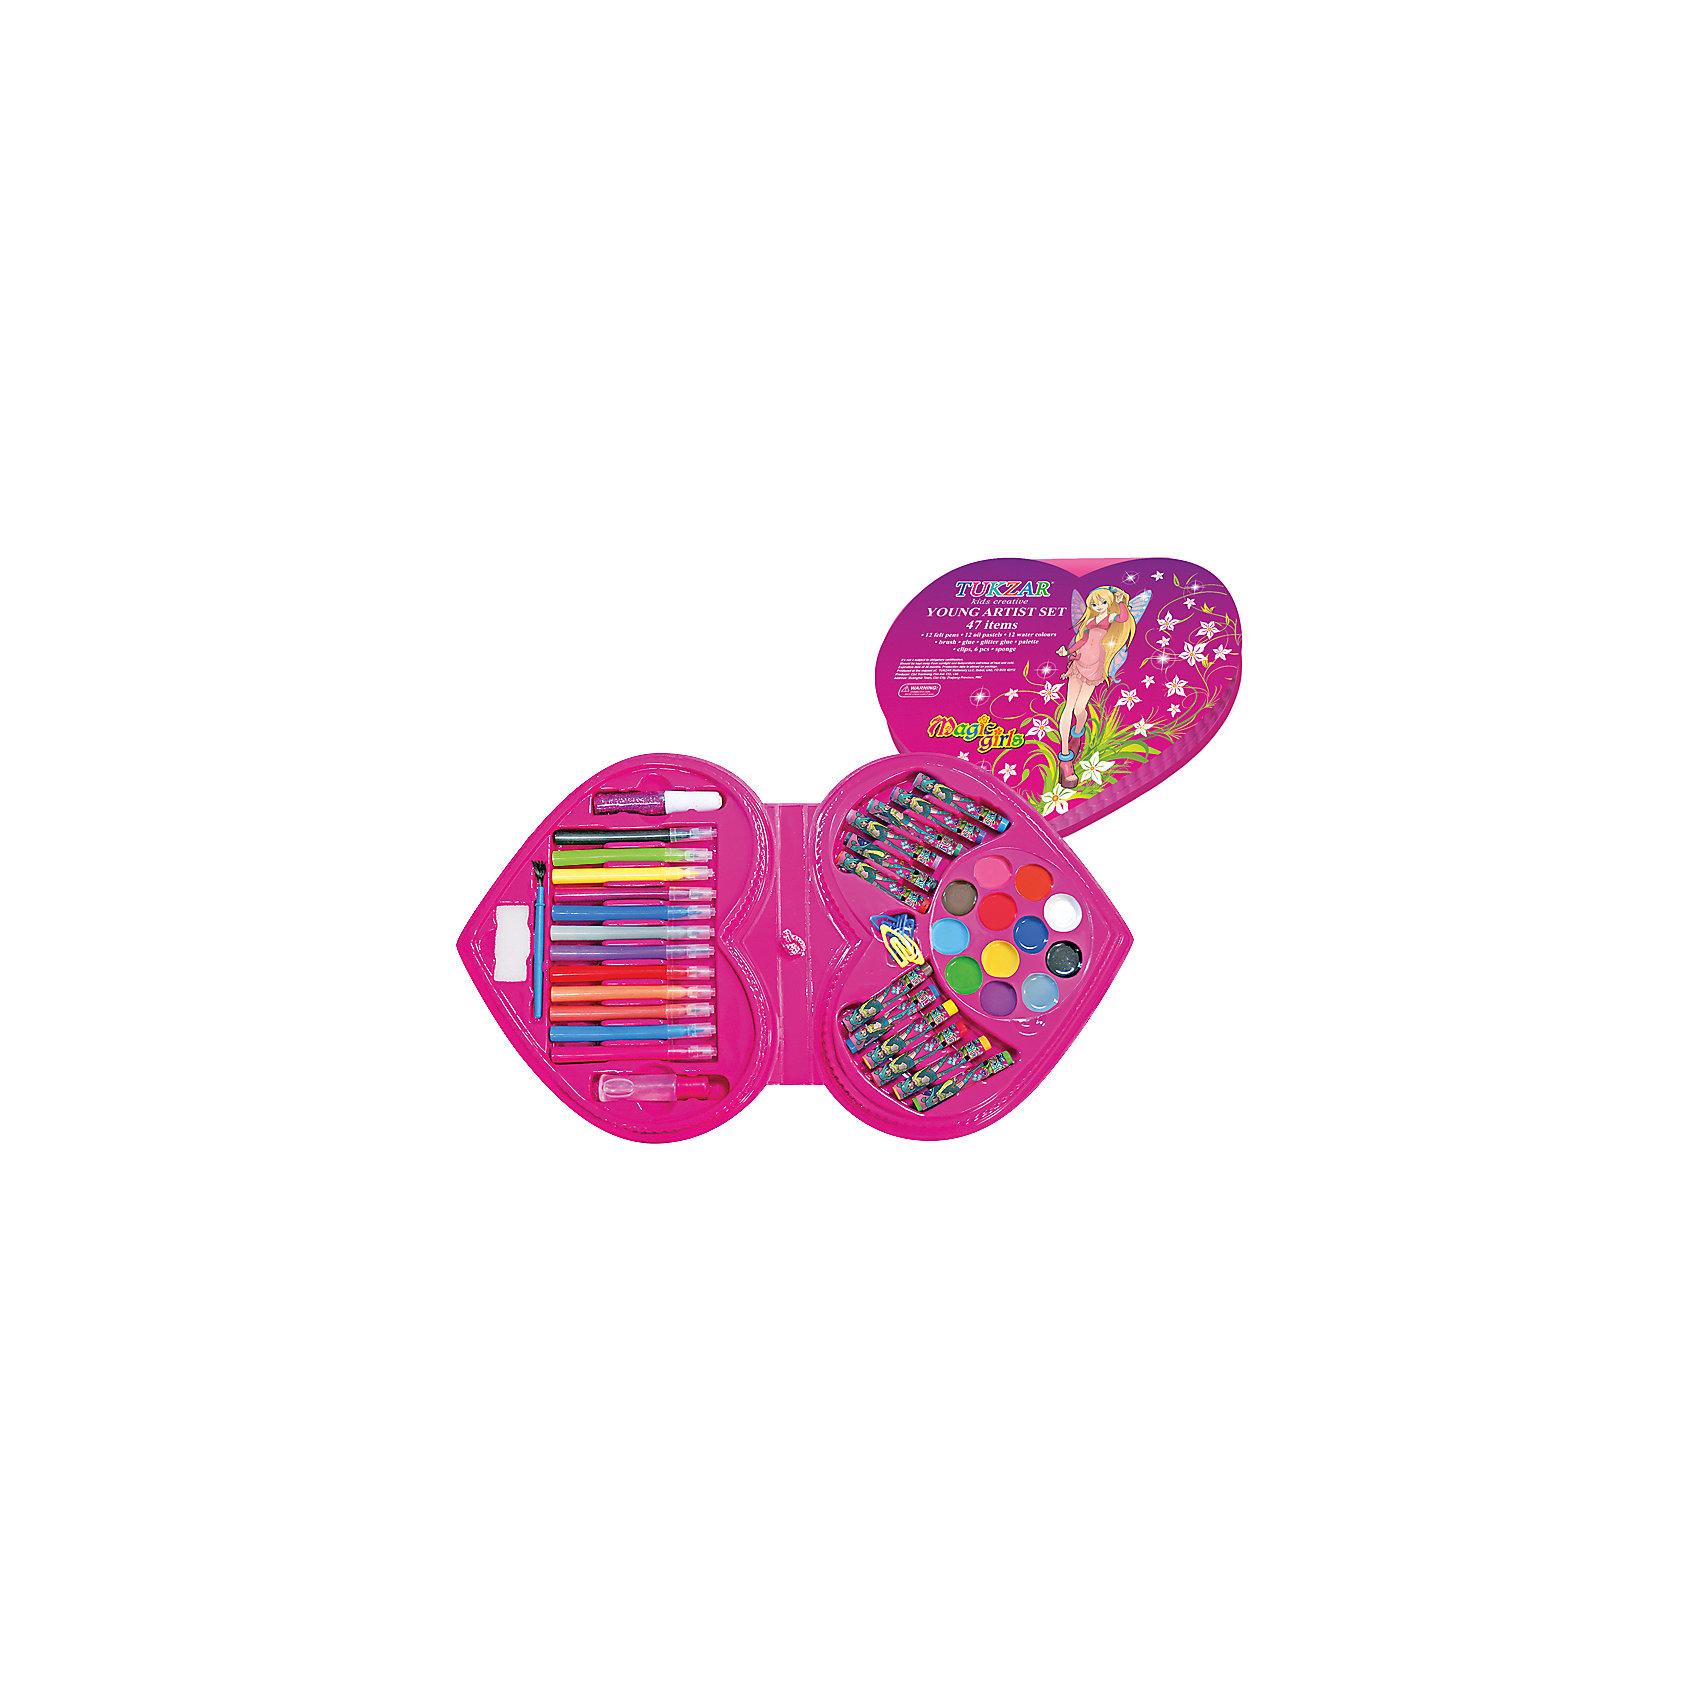 Набор для детского творчества Girls, 47 предметовНабор для детского творчества GIRLS, 47 предметов: 12 фломастеров, пастель 12 цв., акв. краски 12 цв., кисть, клей, гель с блестками, палитра, скрепки 6 шт., губка.  Упаковка - чемодан.<br><br>Ширина мм: 6<br>Глубина мм: 260<br>Высота мм: 300<br>Вес г: 600<br>Возраст от месяцев: 36<br>Возраст до месяцев: 2147483647<br>Пол: Женский<br>Возраст: Детский<br>SKU: 4801661